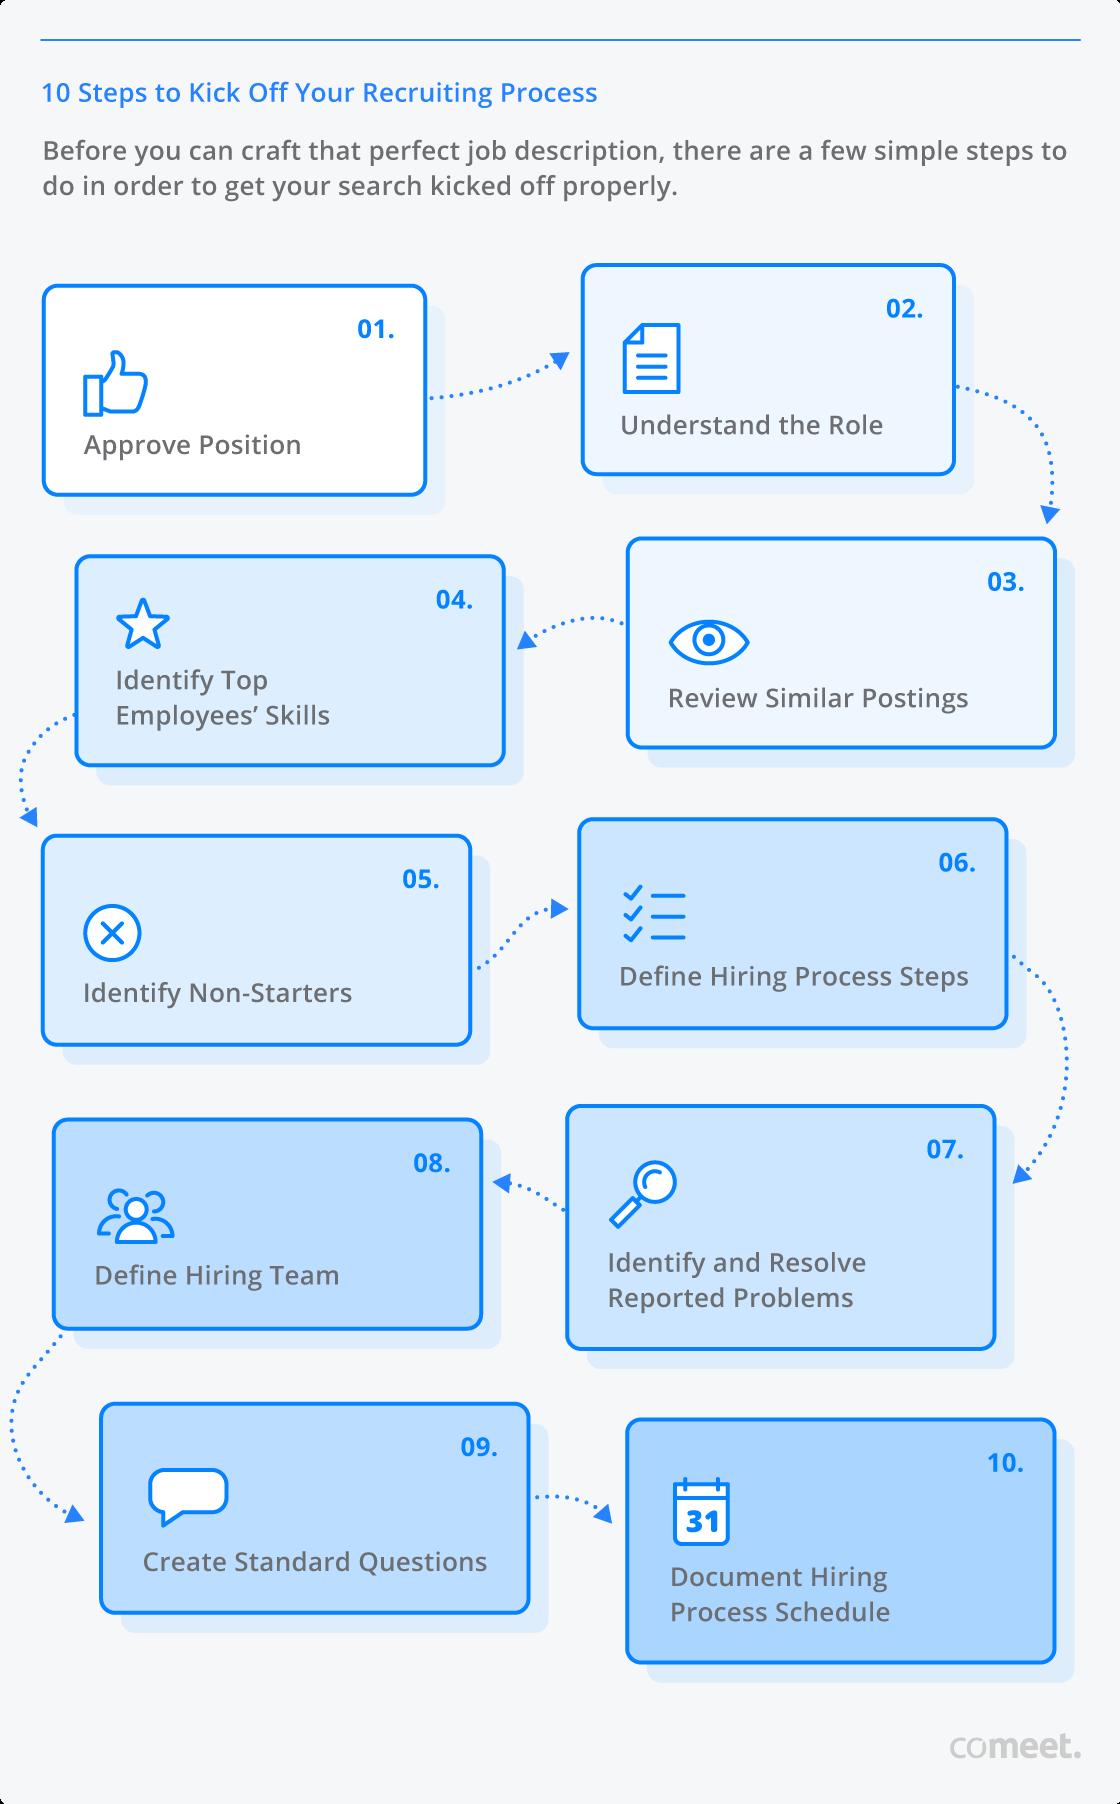 10 Steps to Build the Perfect Job Description